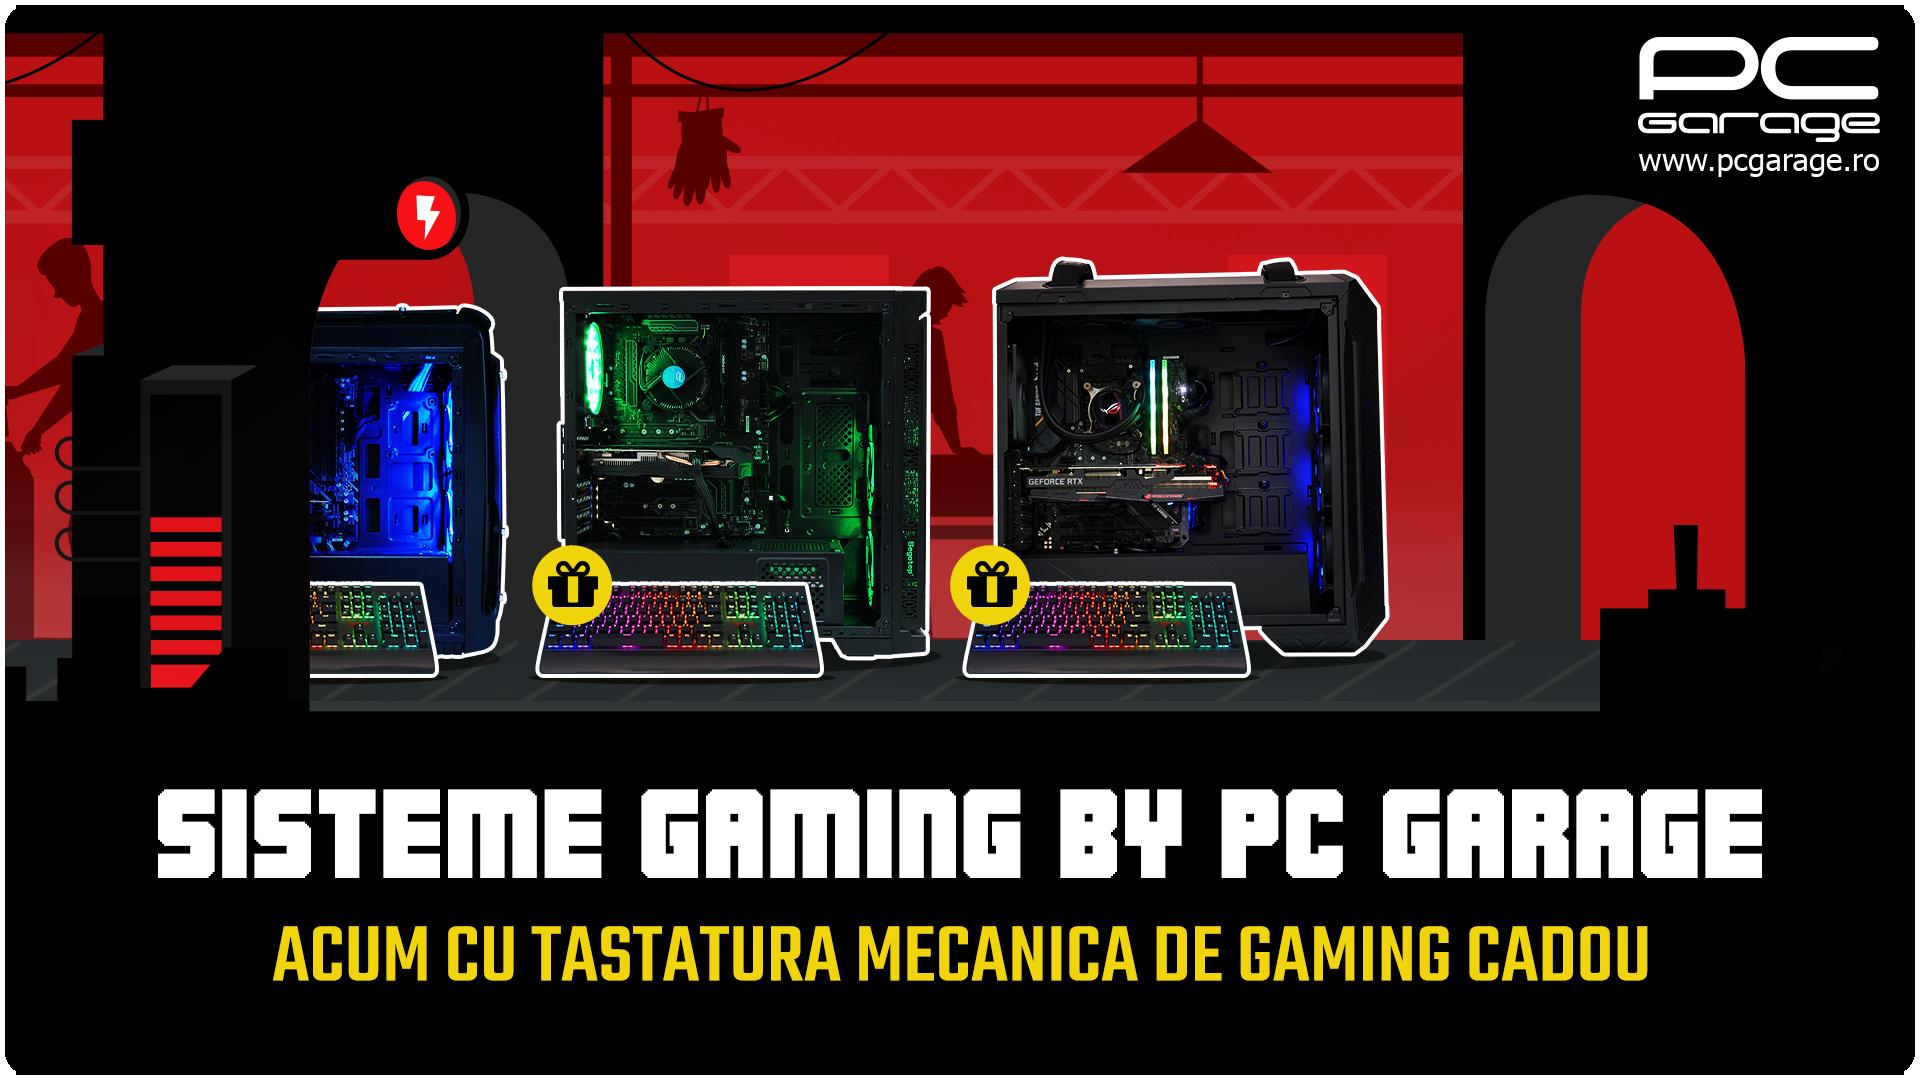 Photo of PC Garage oferă tastatură mecanica cadou la toate sistemele sale de gaming